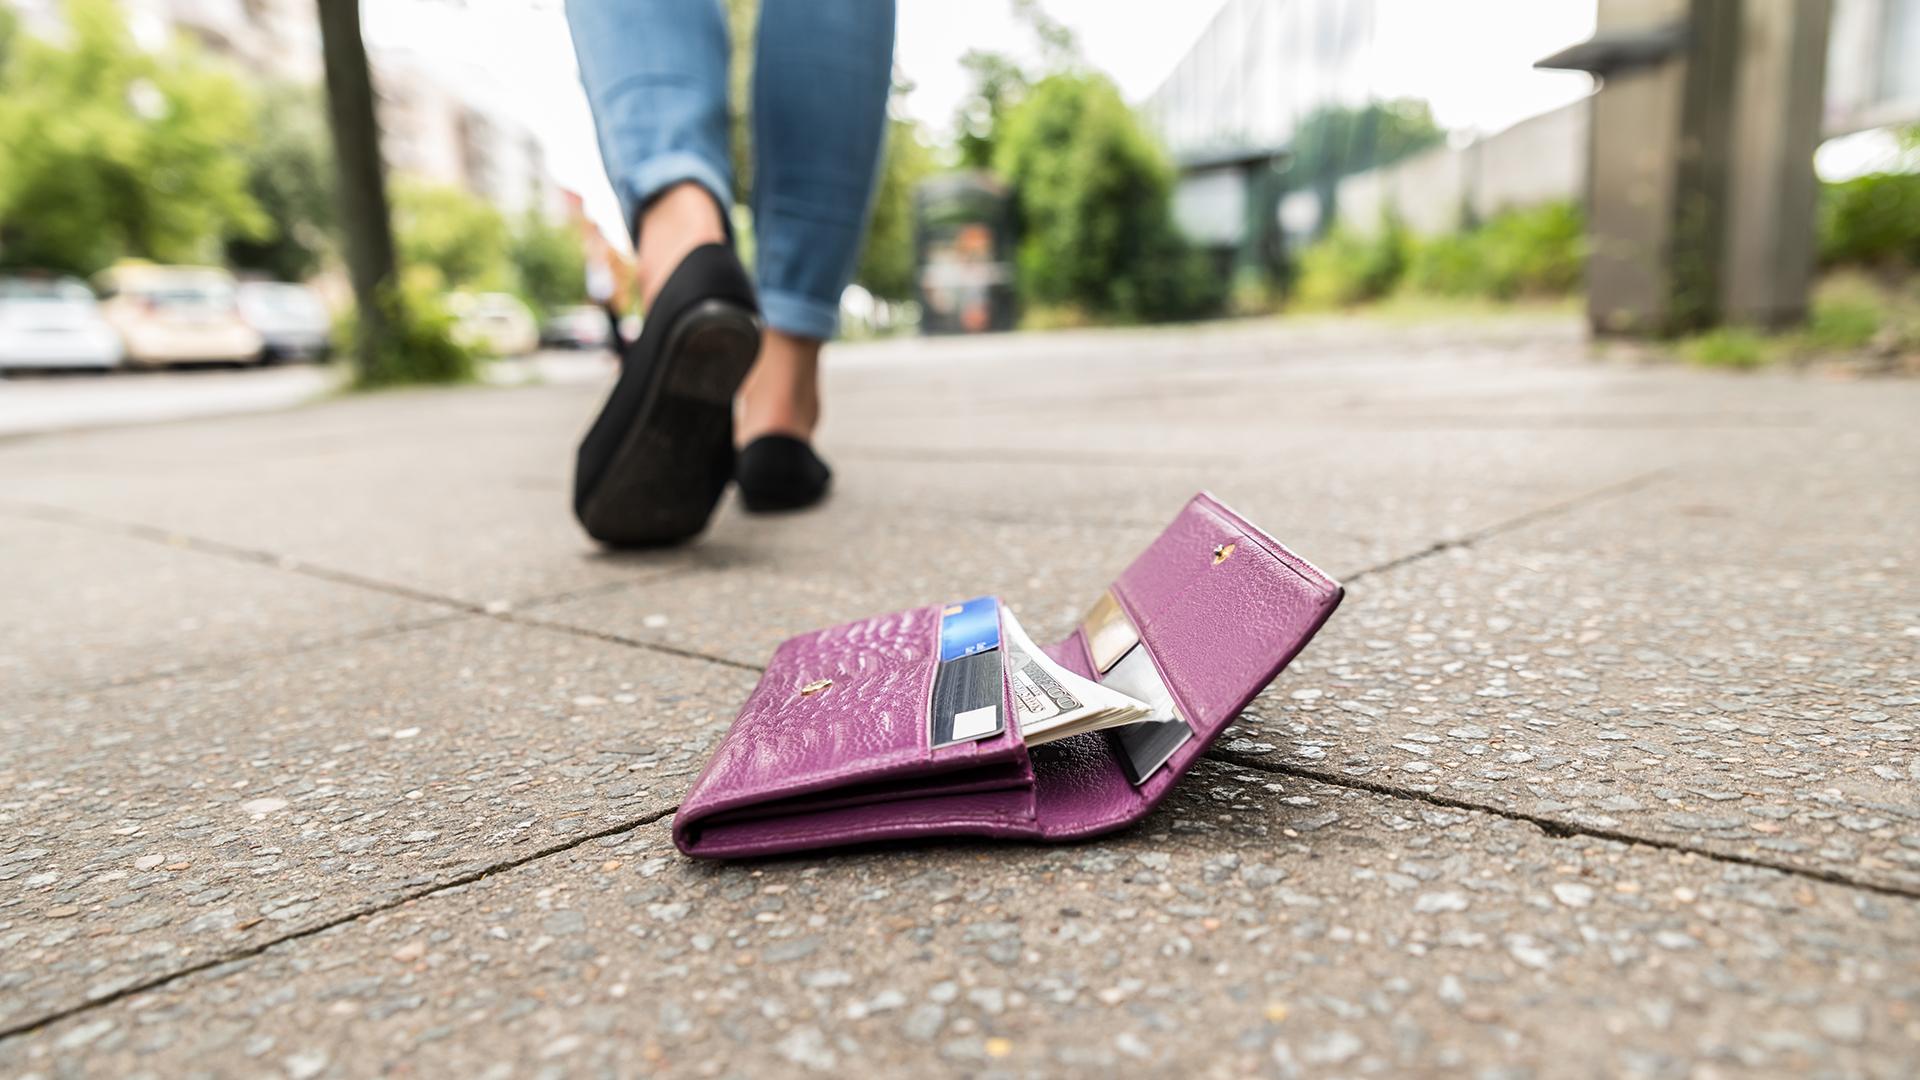 Több millióval lett gazdagabb a becsületes hajléktalan